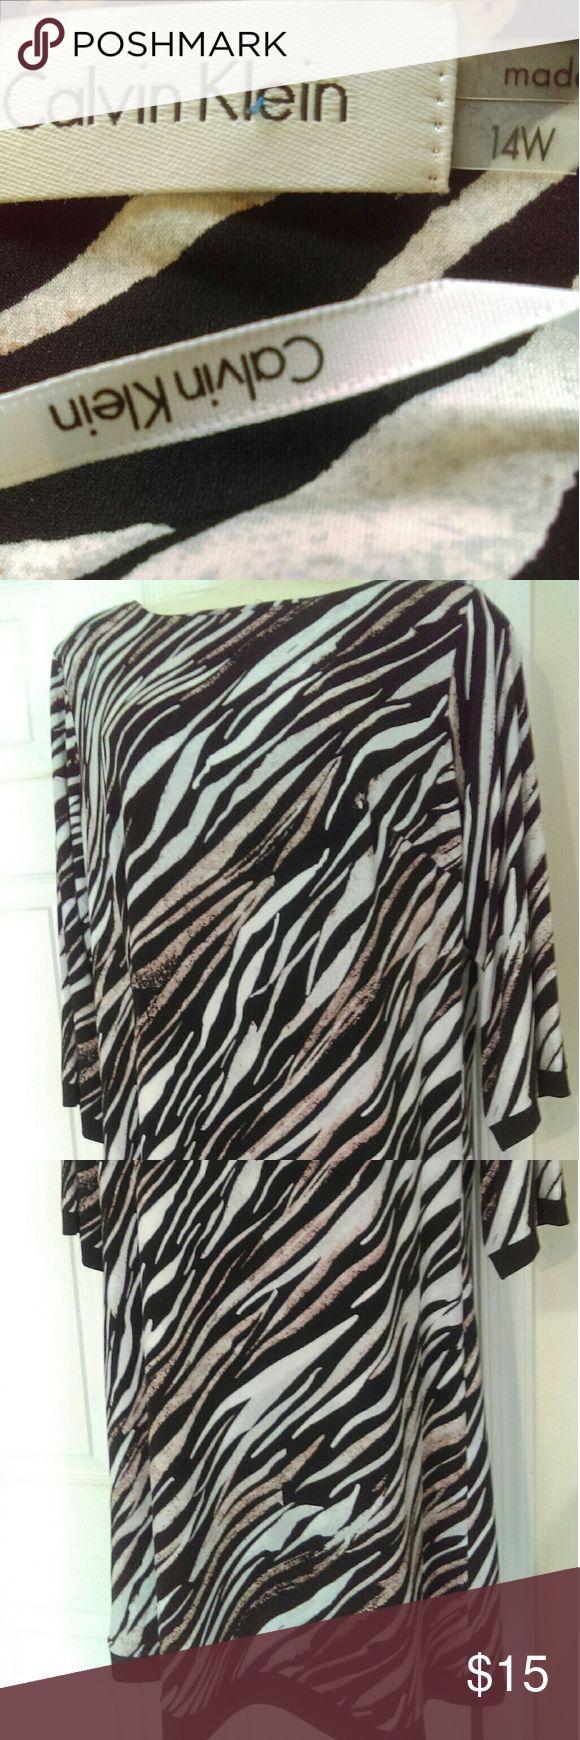 Calvin Klein pullover animal print dress Banded bottom hemline, polyester/spandex, never worn Calvin Klein Dresses Midi